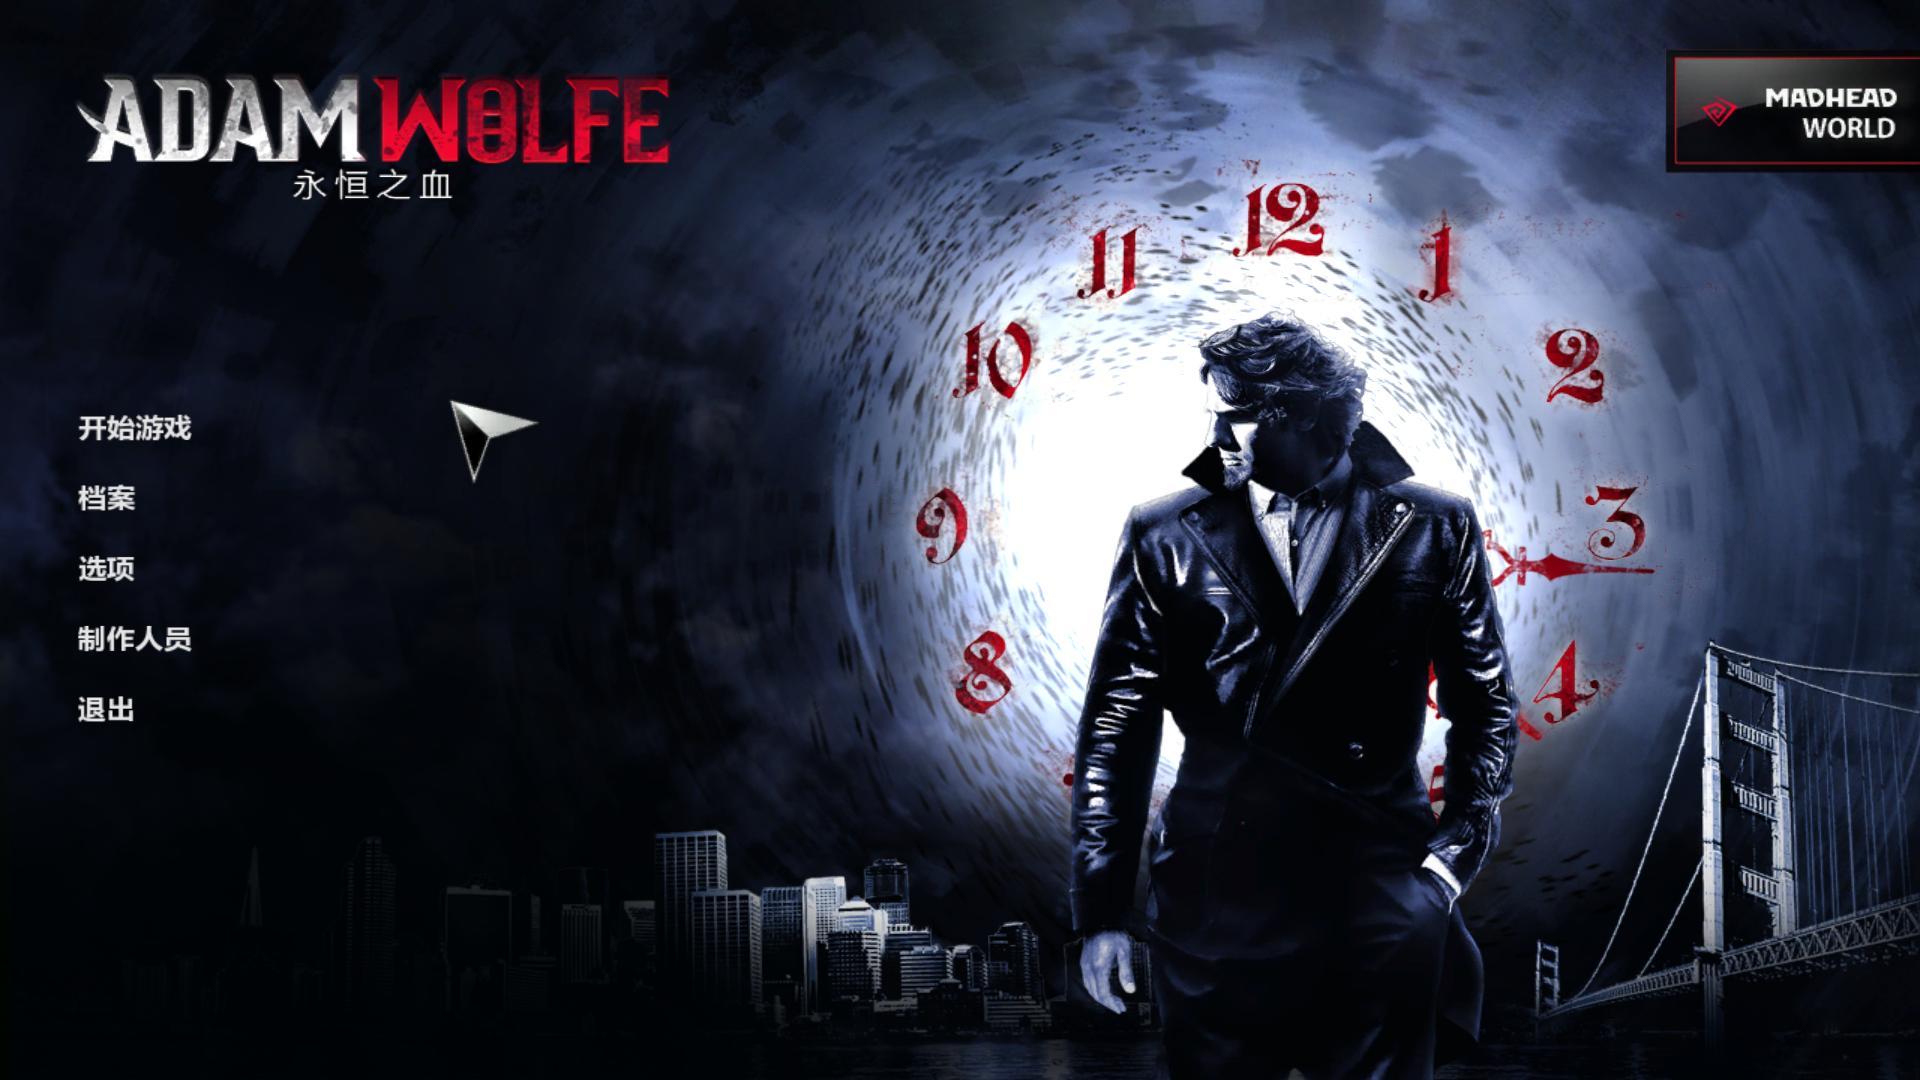 亚当沃尔夫传奇2:永恒之血游戏图片欣赏